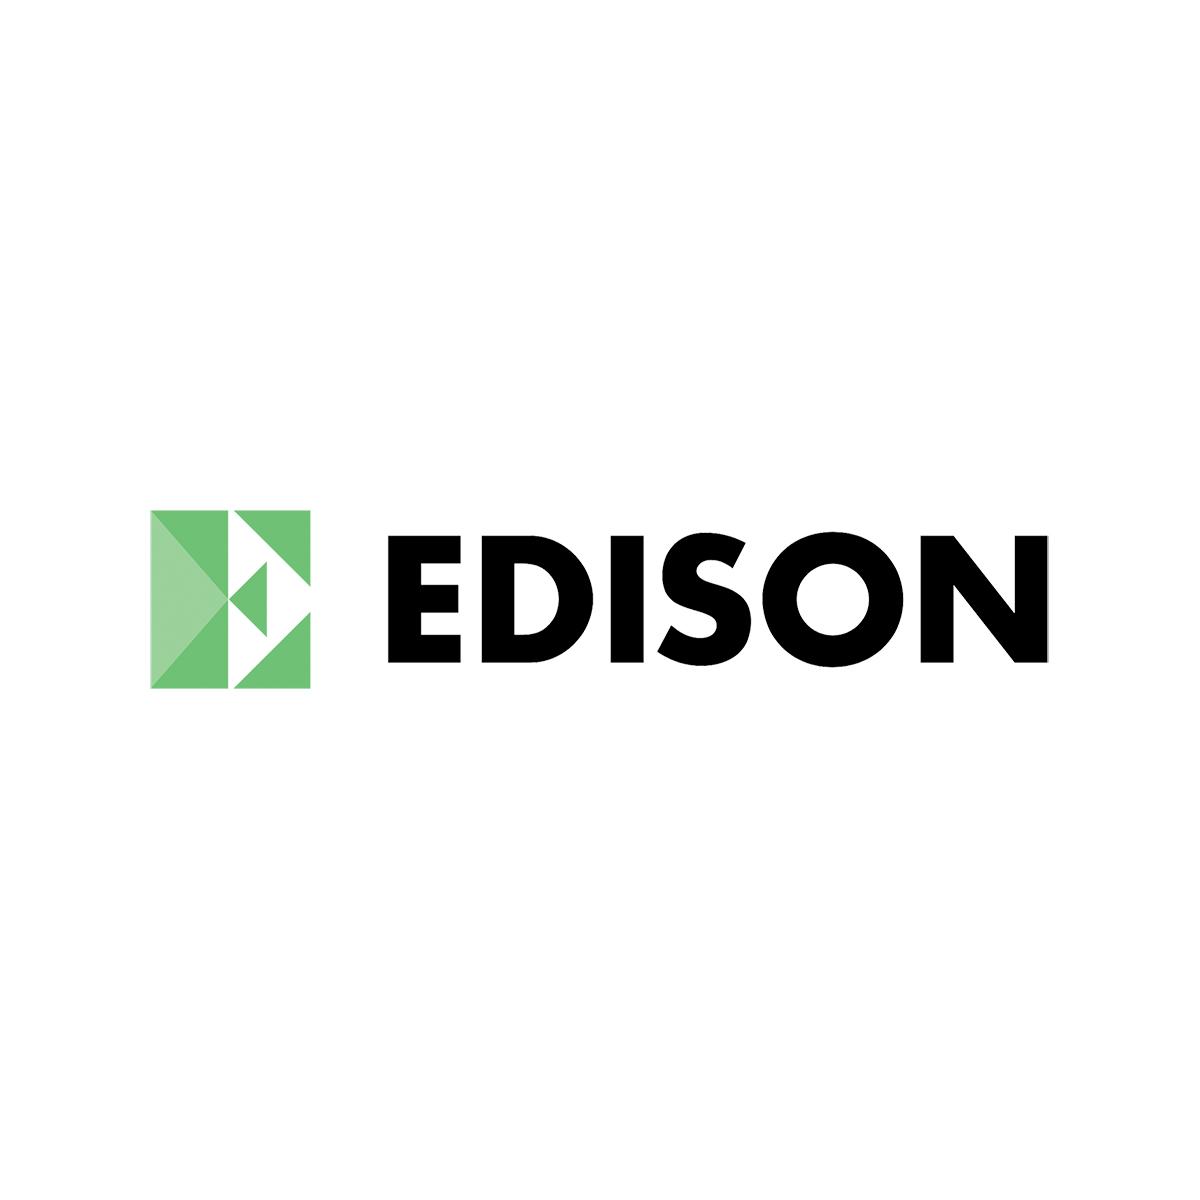 B- Edison.jpg